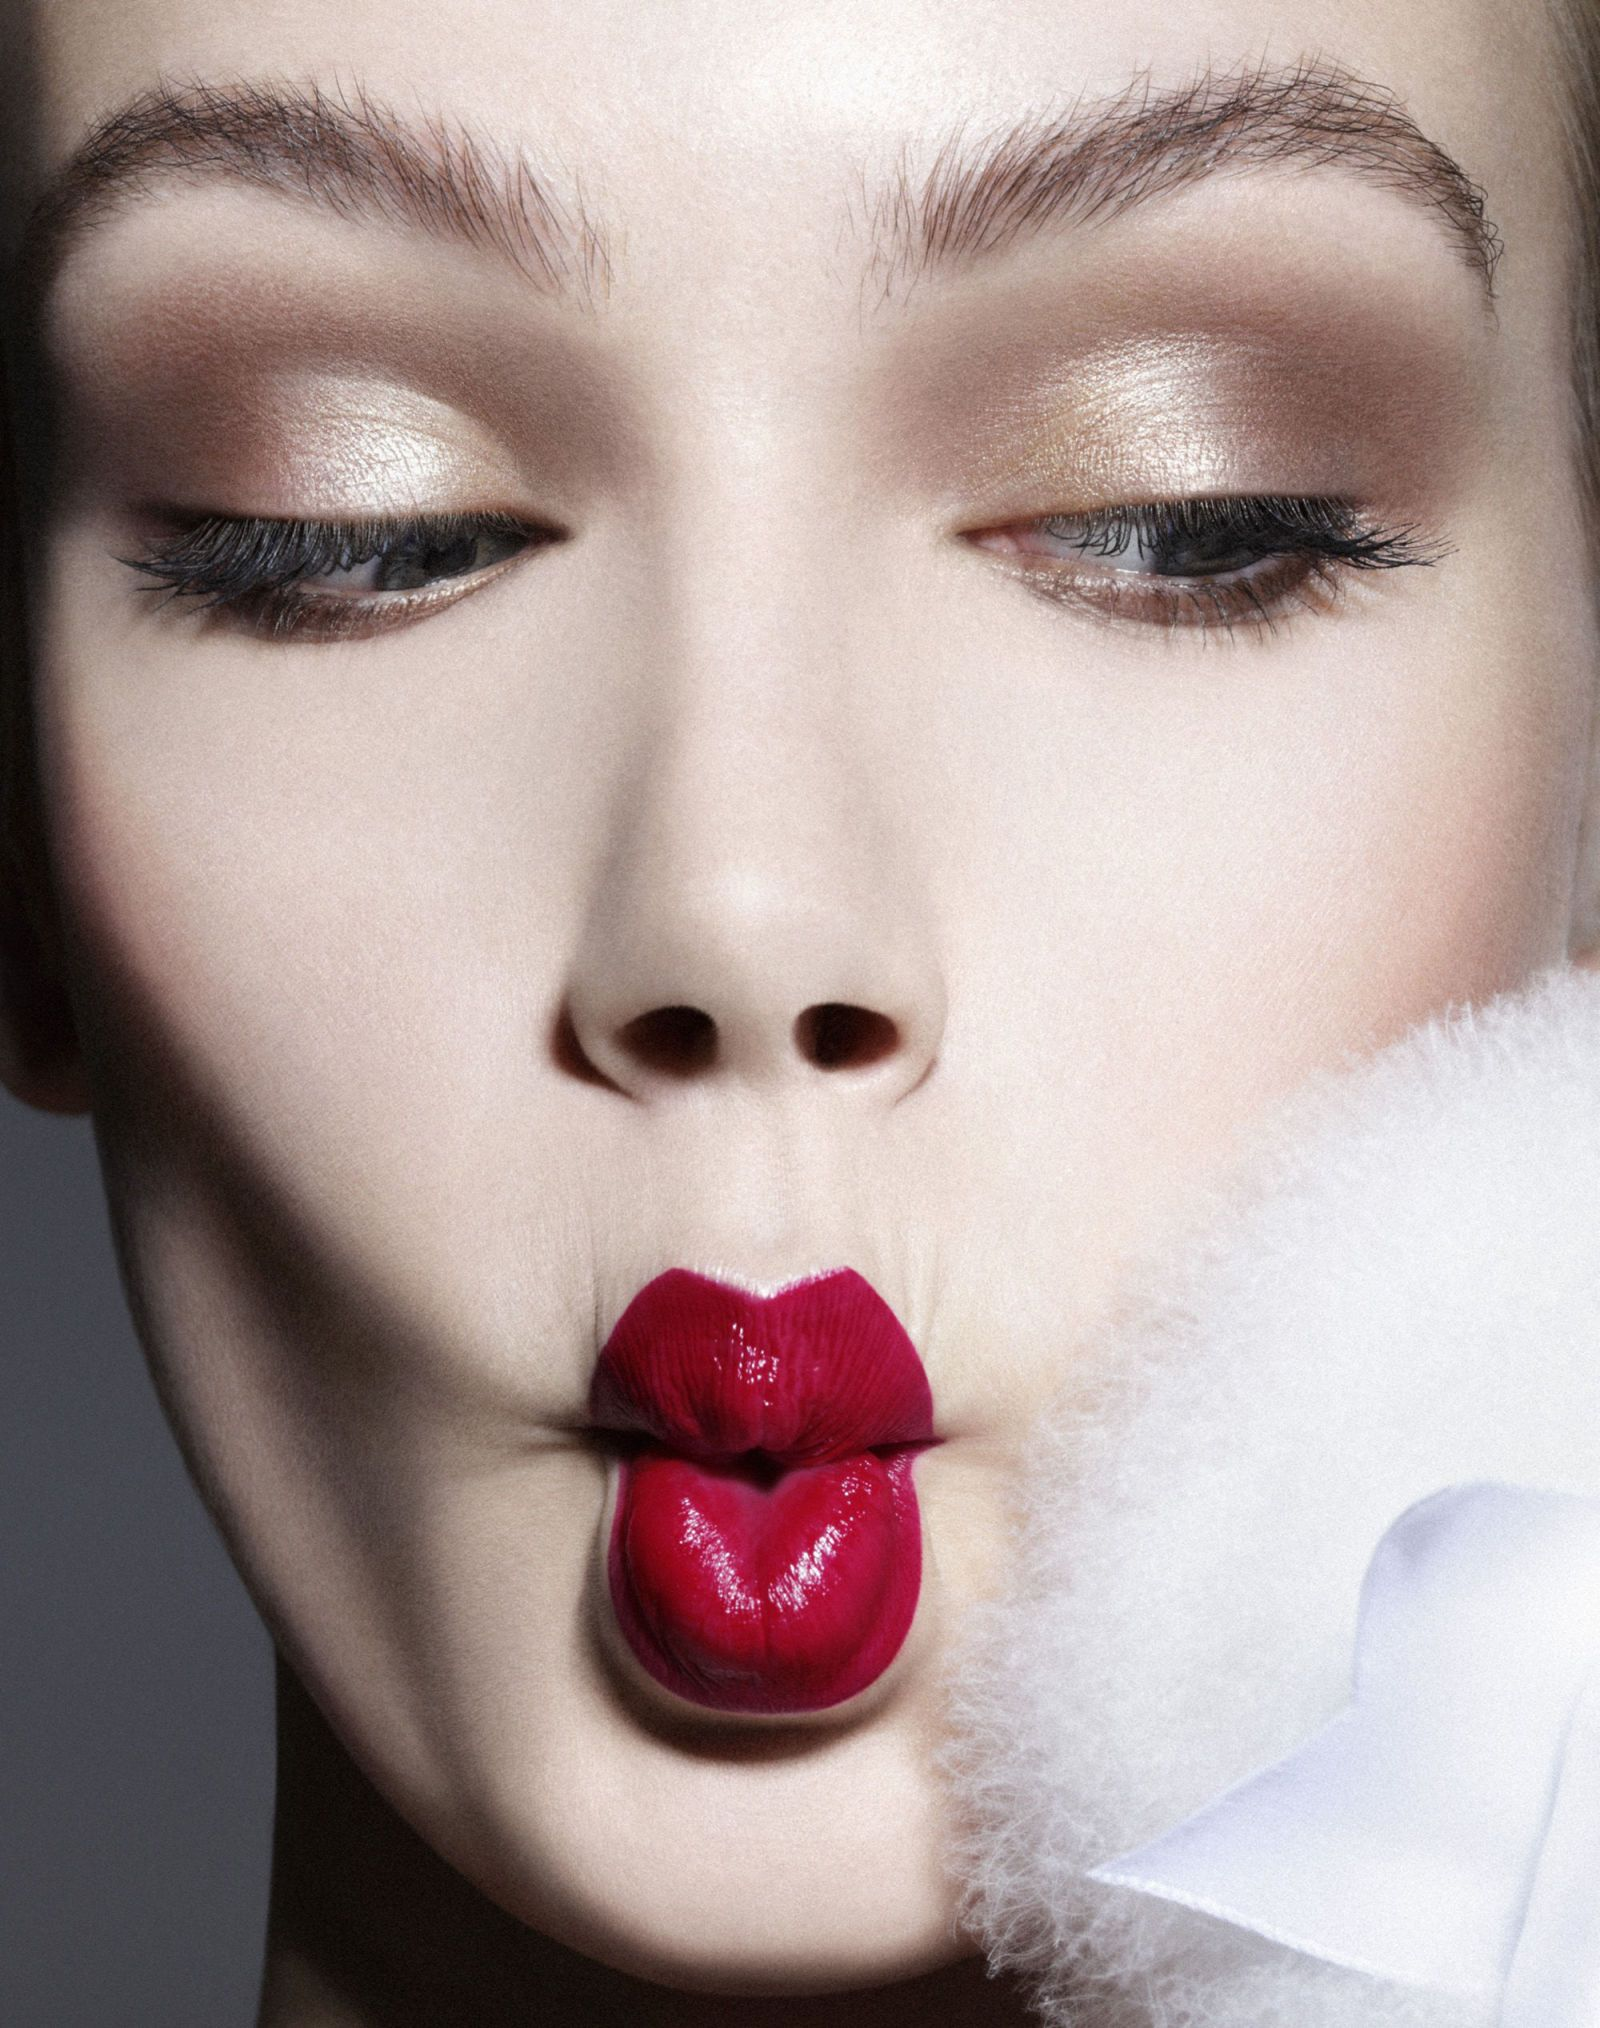 TREND ALERT | ESTAMPADOS | Make Up & Beauty & Lifestyle